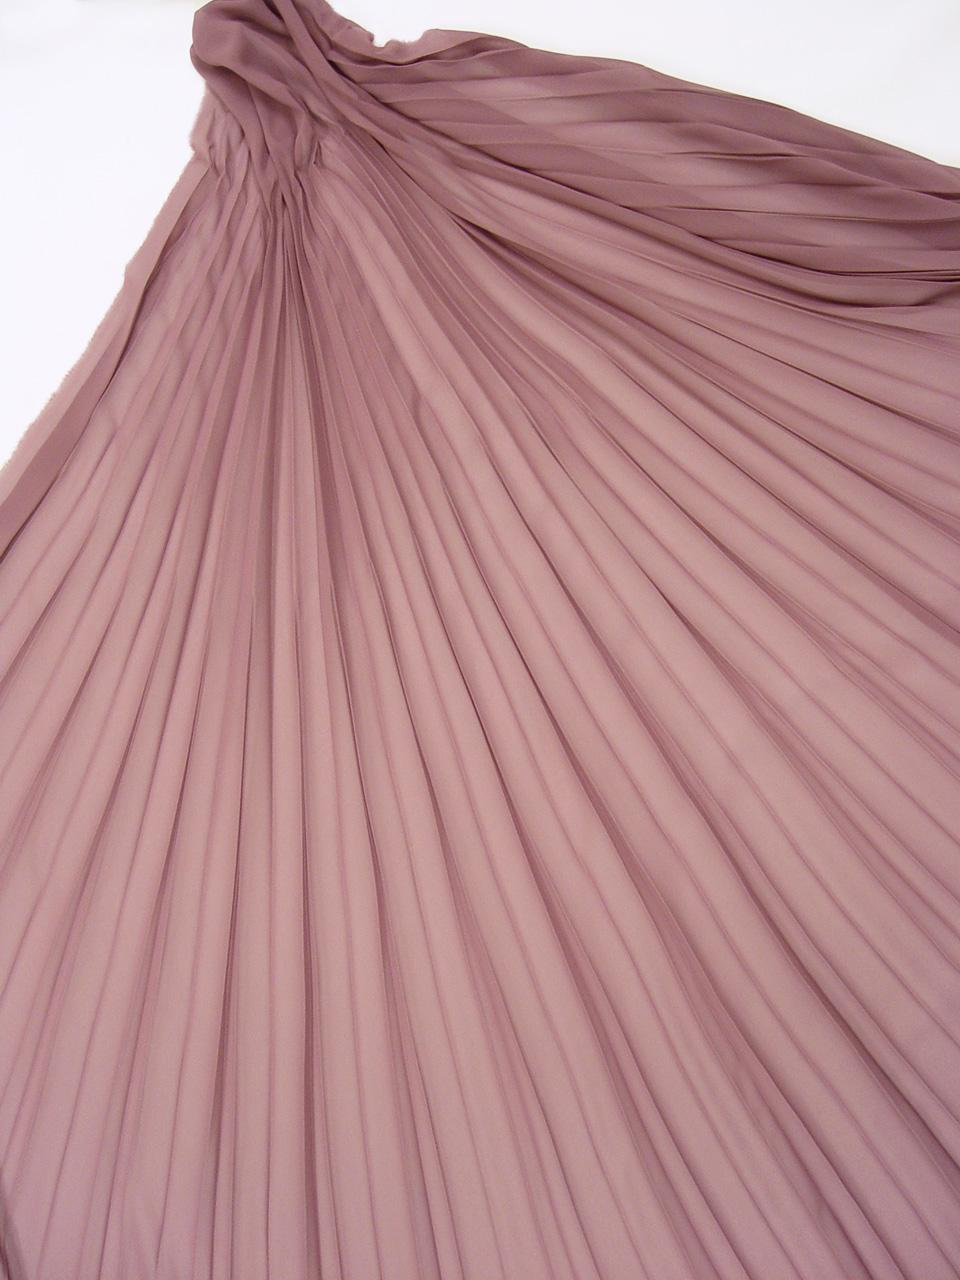 les nouveaut s au jour le jour chez stragier pliss plis soleil sp cial f3. Black Bedroom Furniture Sets. Home Design Ideas